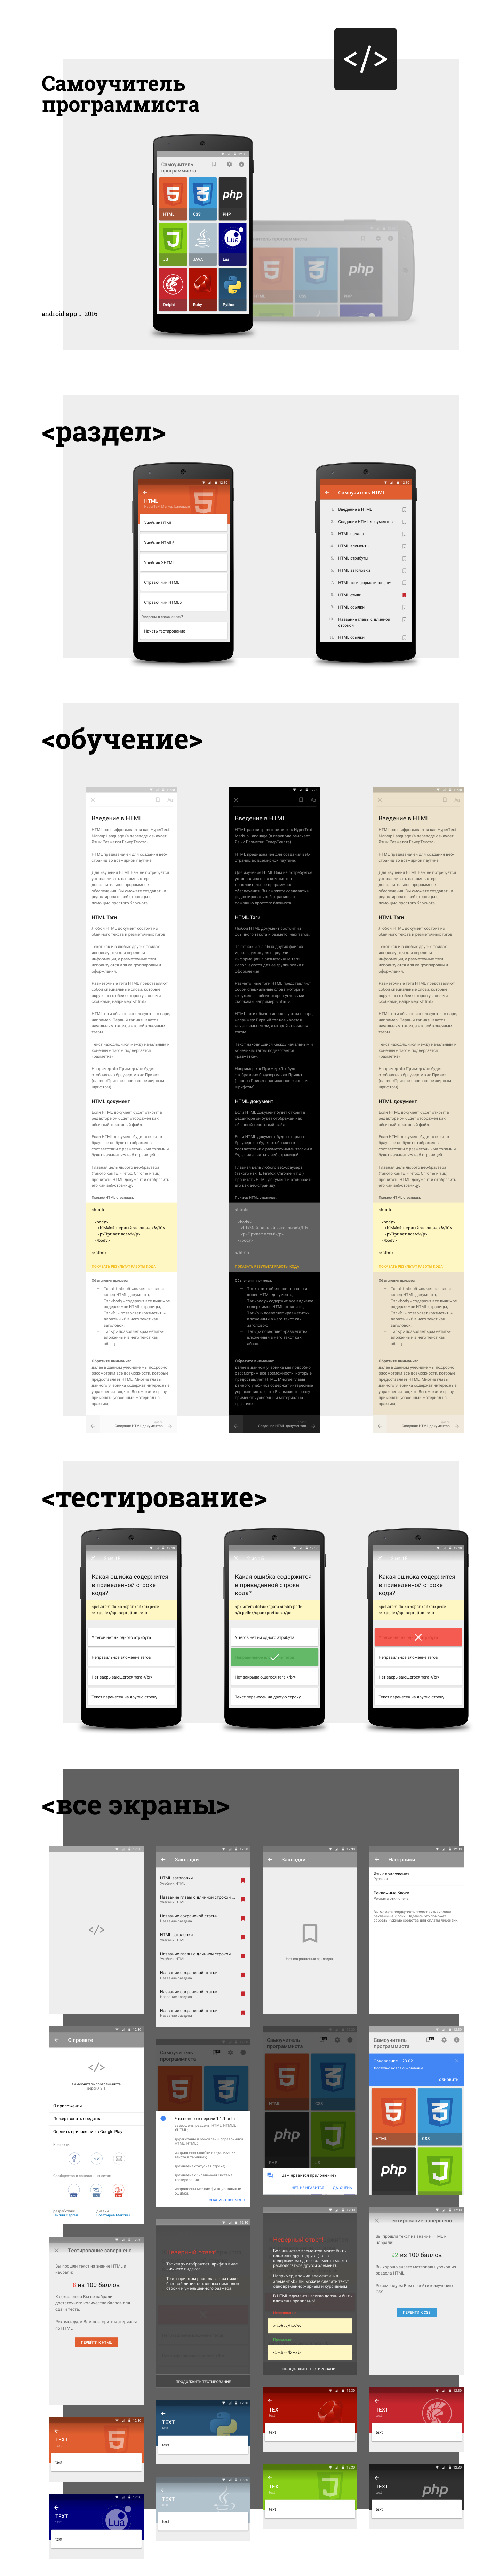 Справочник программиста [material]